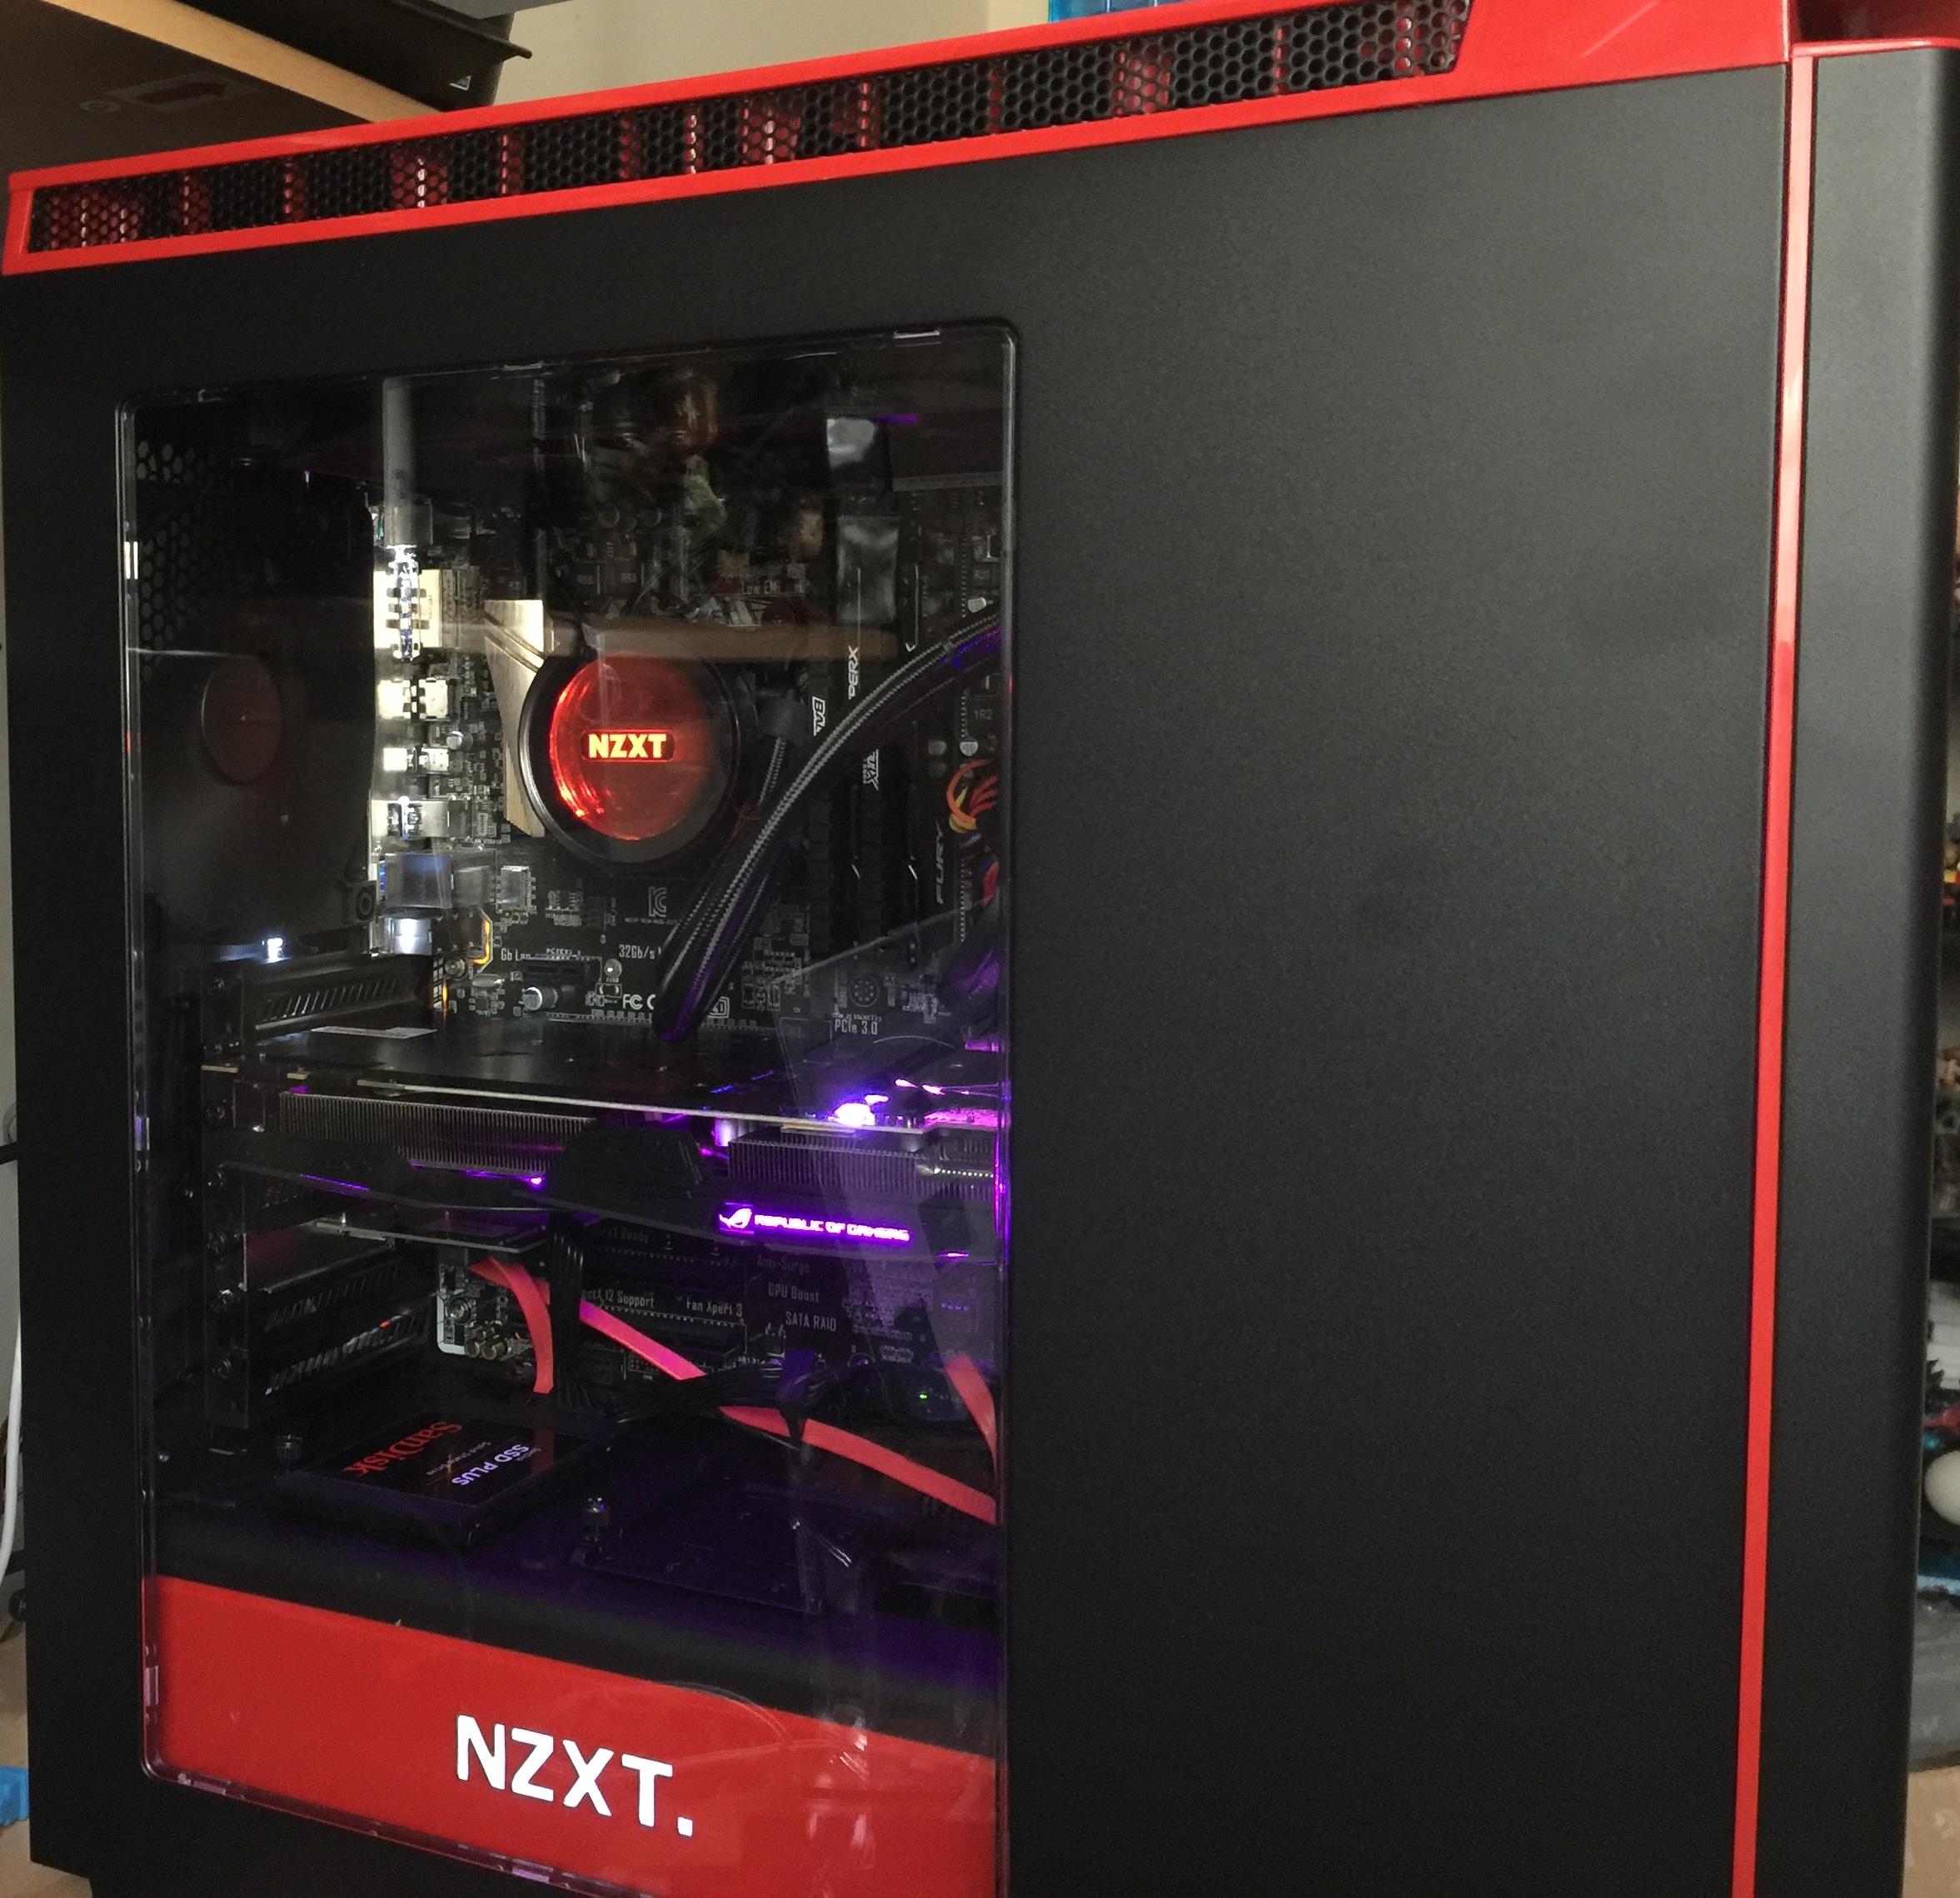 kraken-in-nzxt-case